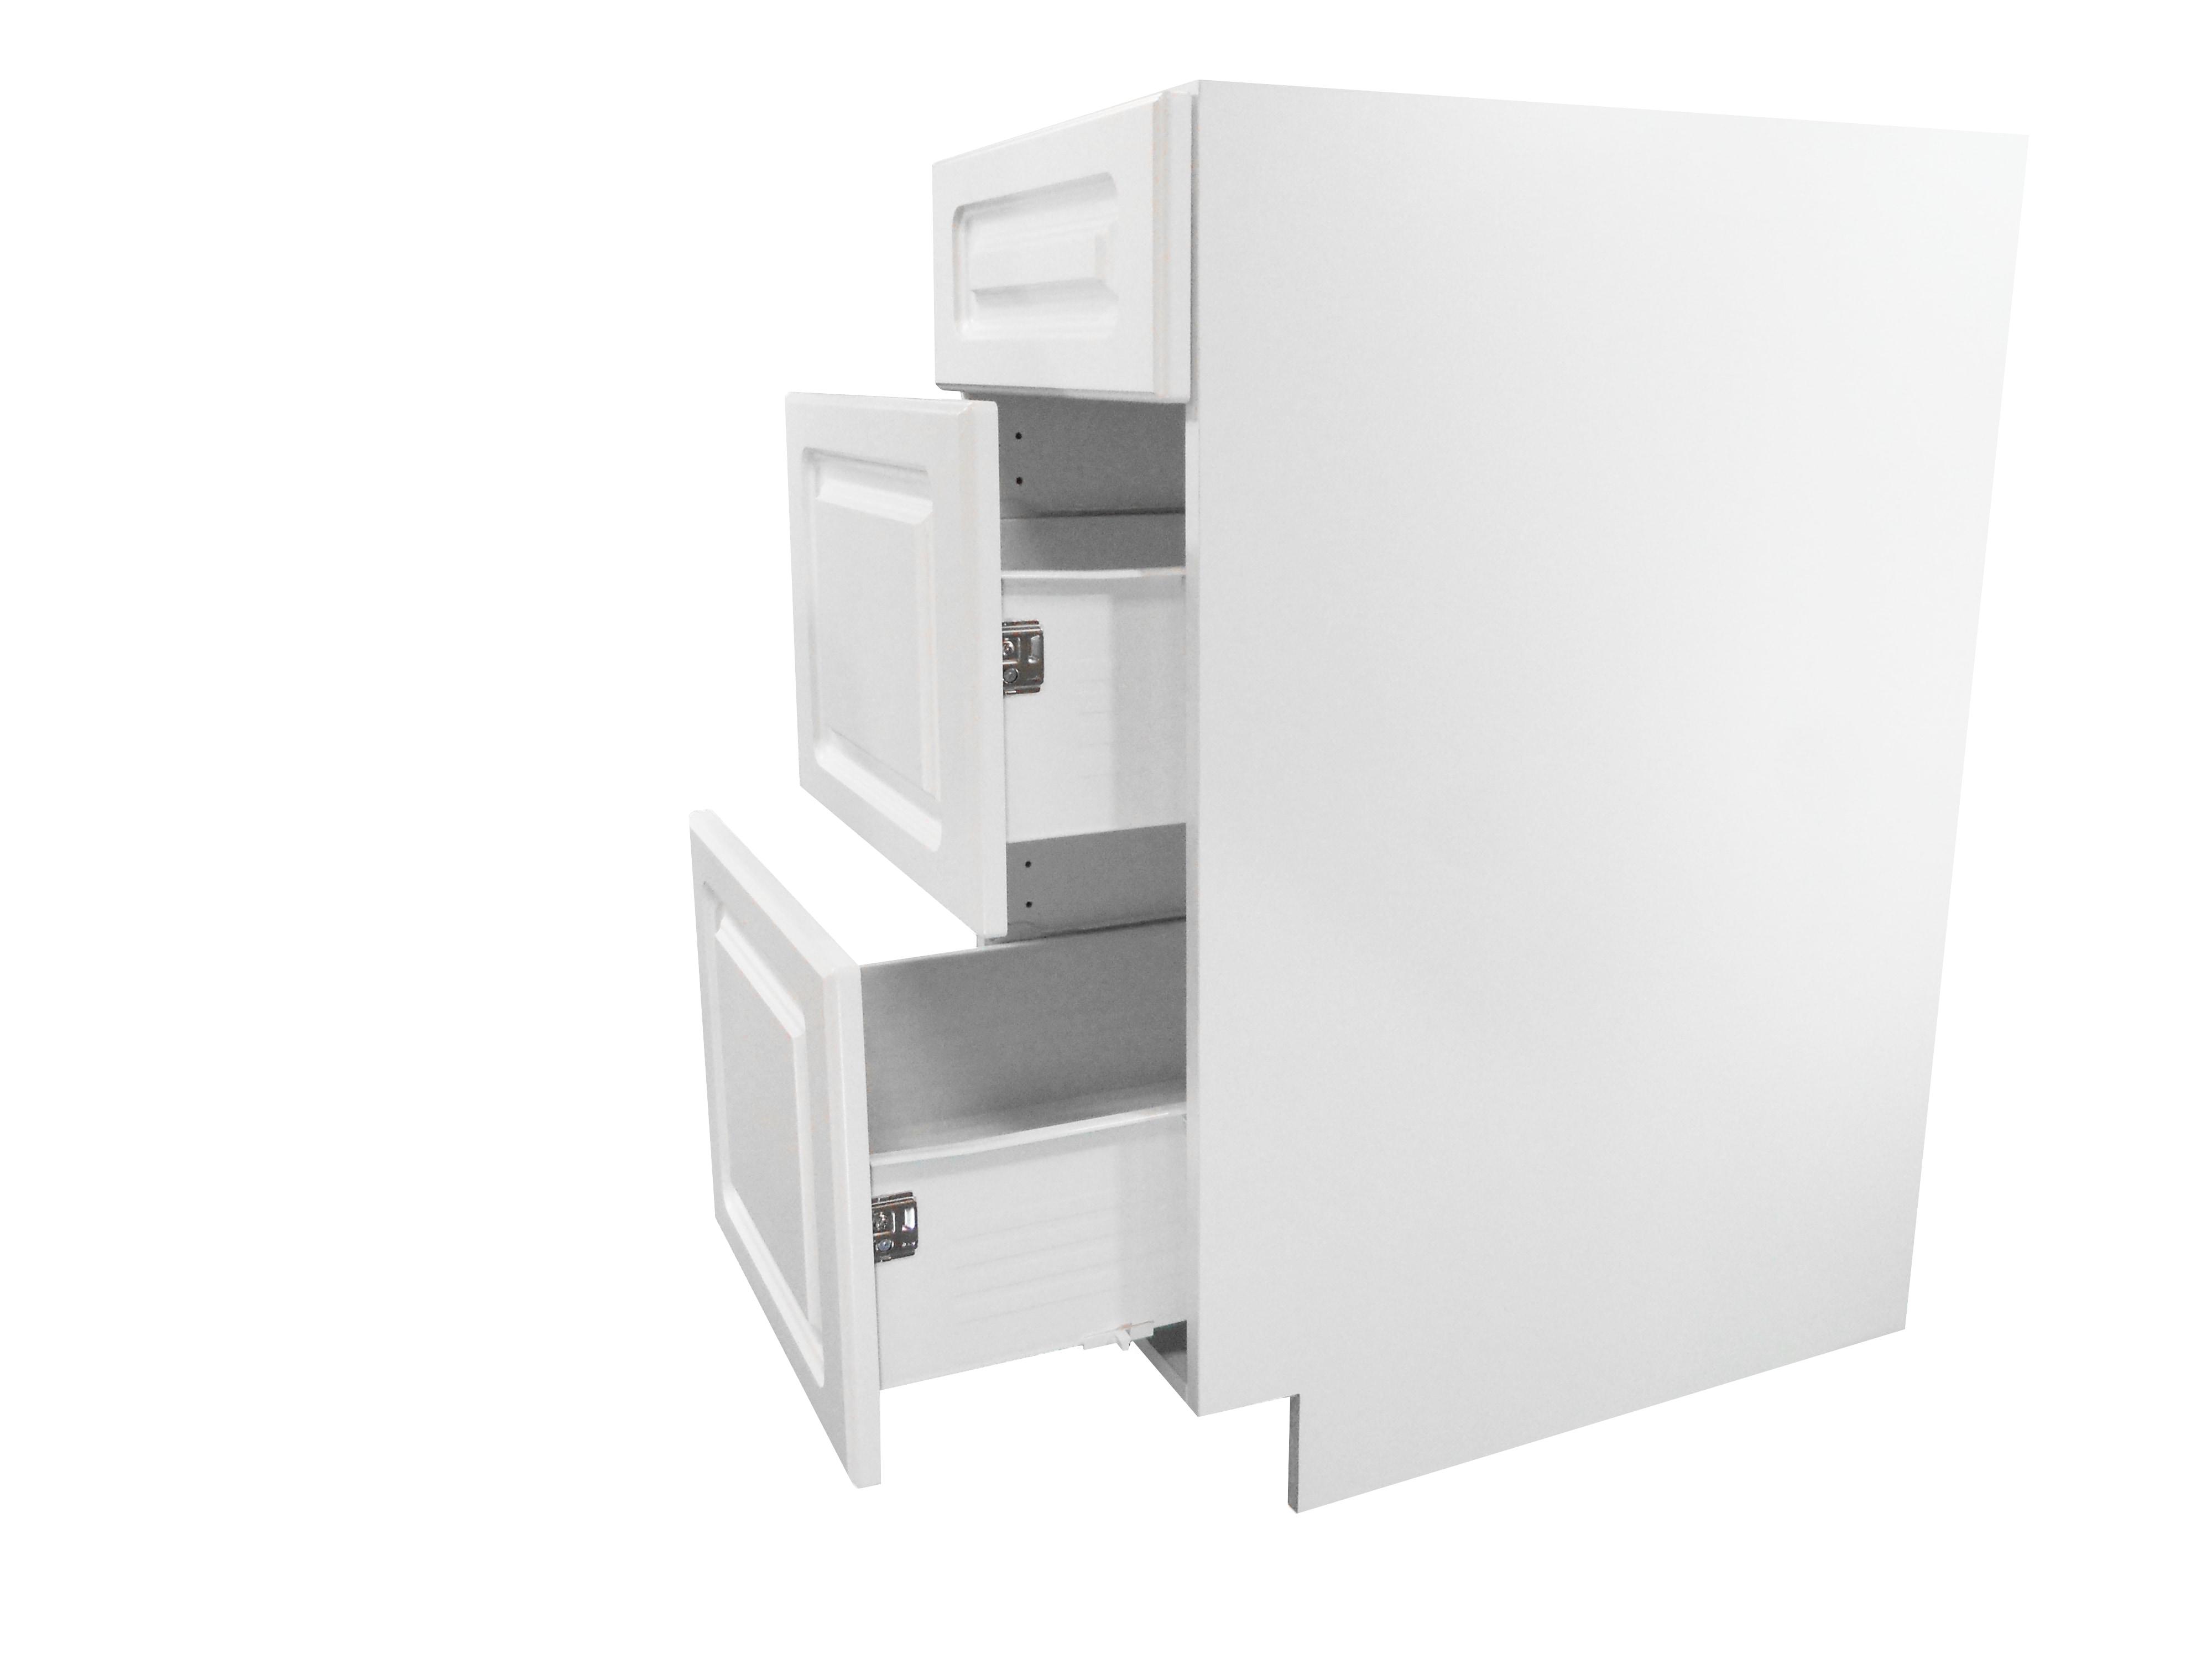 Base Cabinet 3 Drawer Bank / San Juan / Raised Panel White / 15 San Juan 0